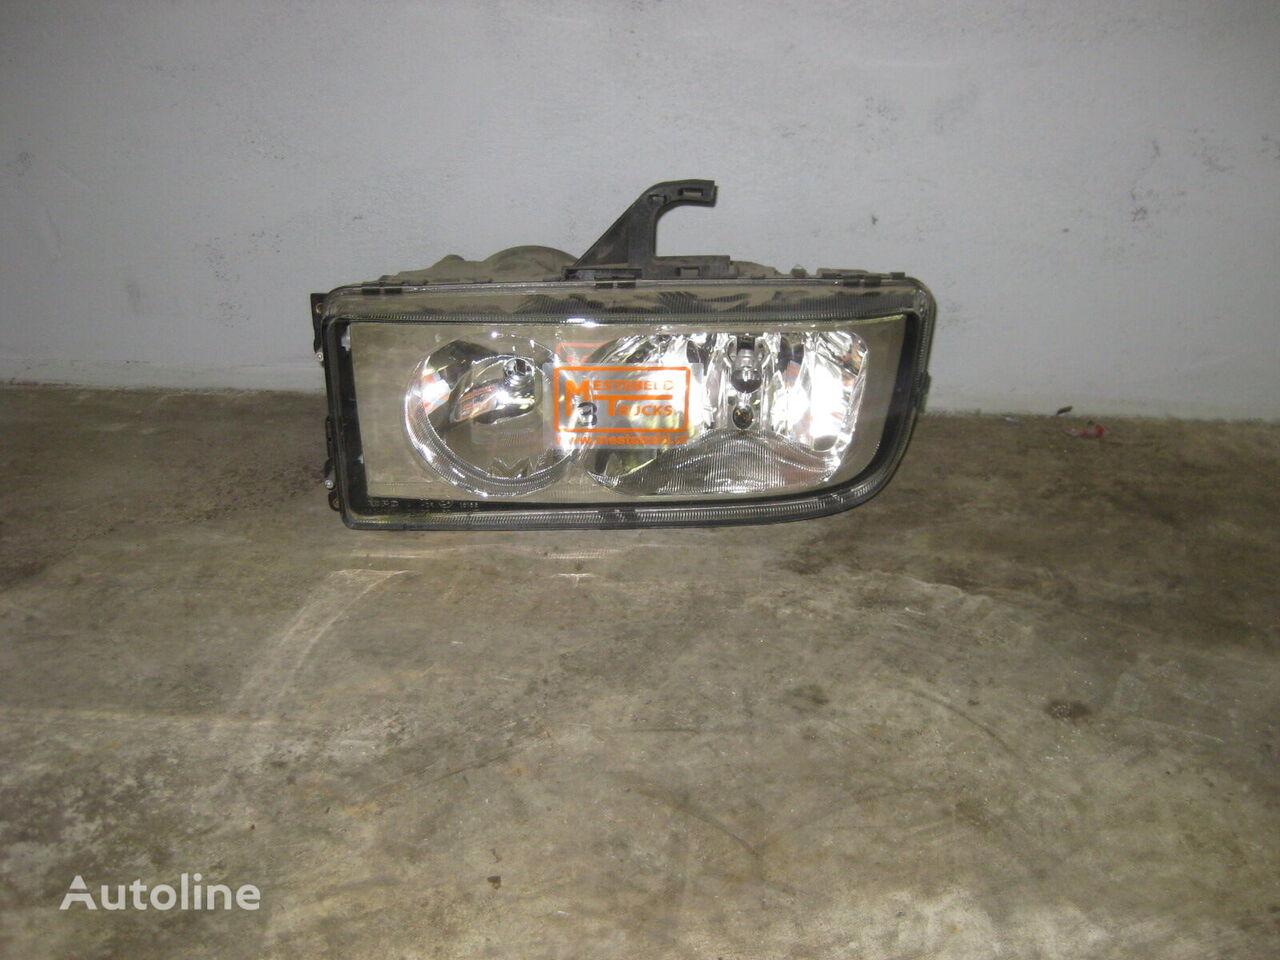 MERCEDES-BENZ Koplamp headlight for MERCEDES-BENZ Axor II truck